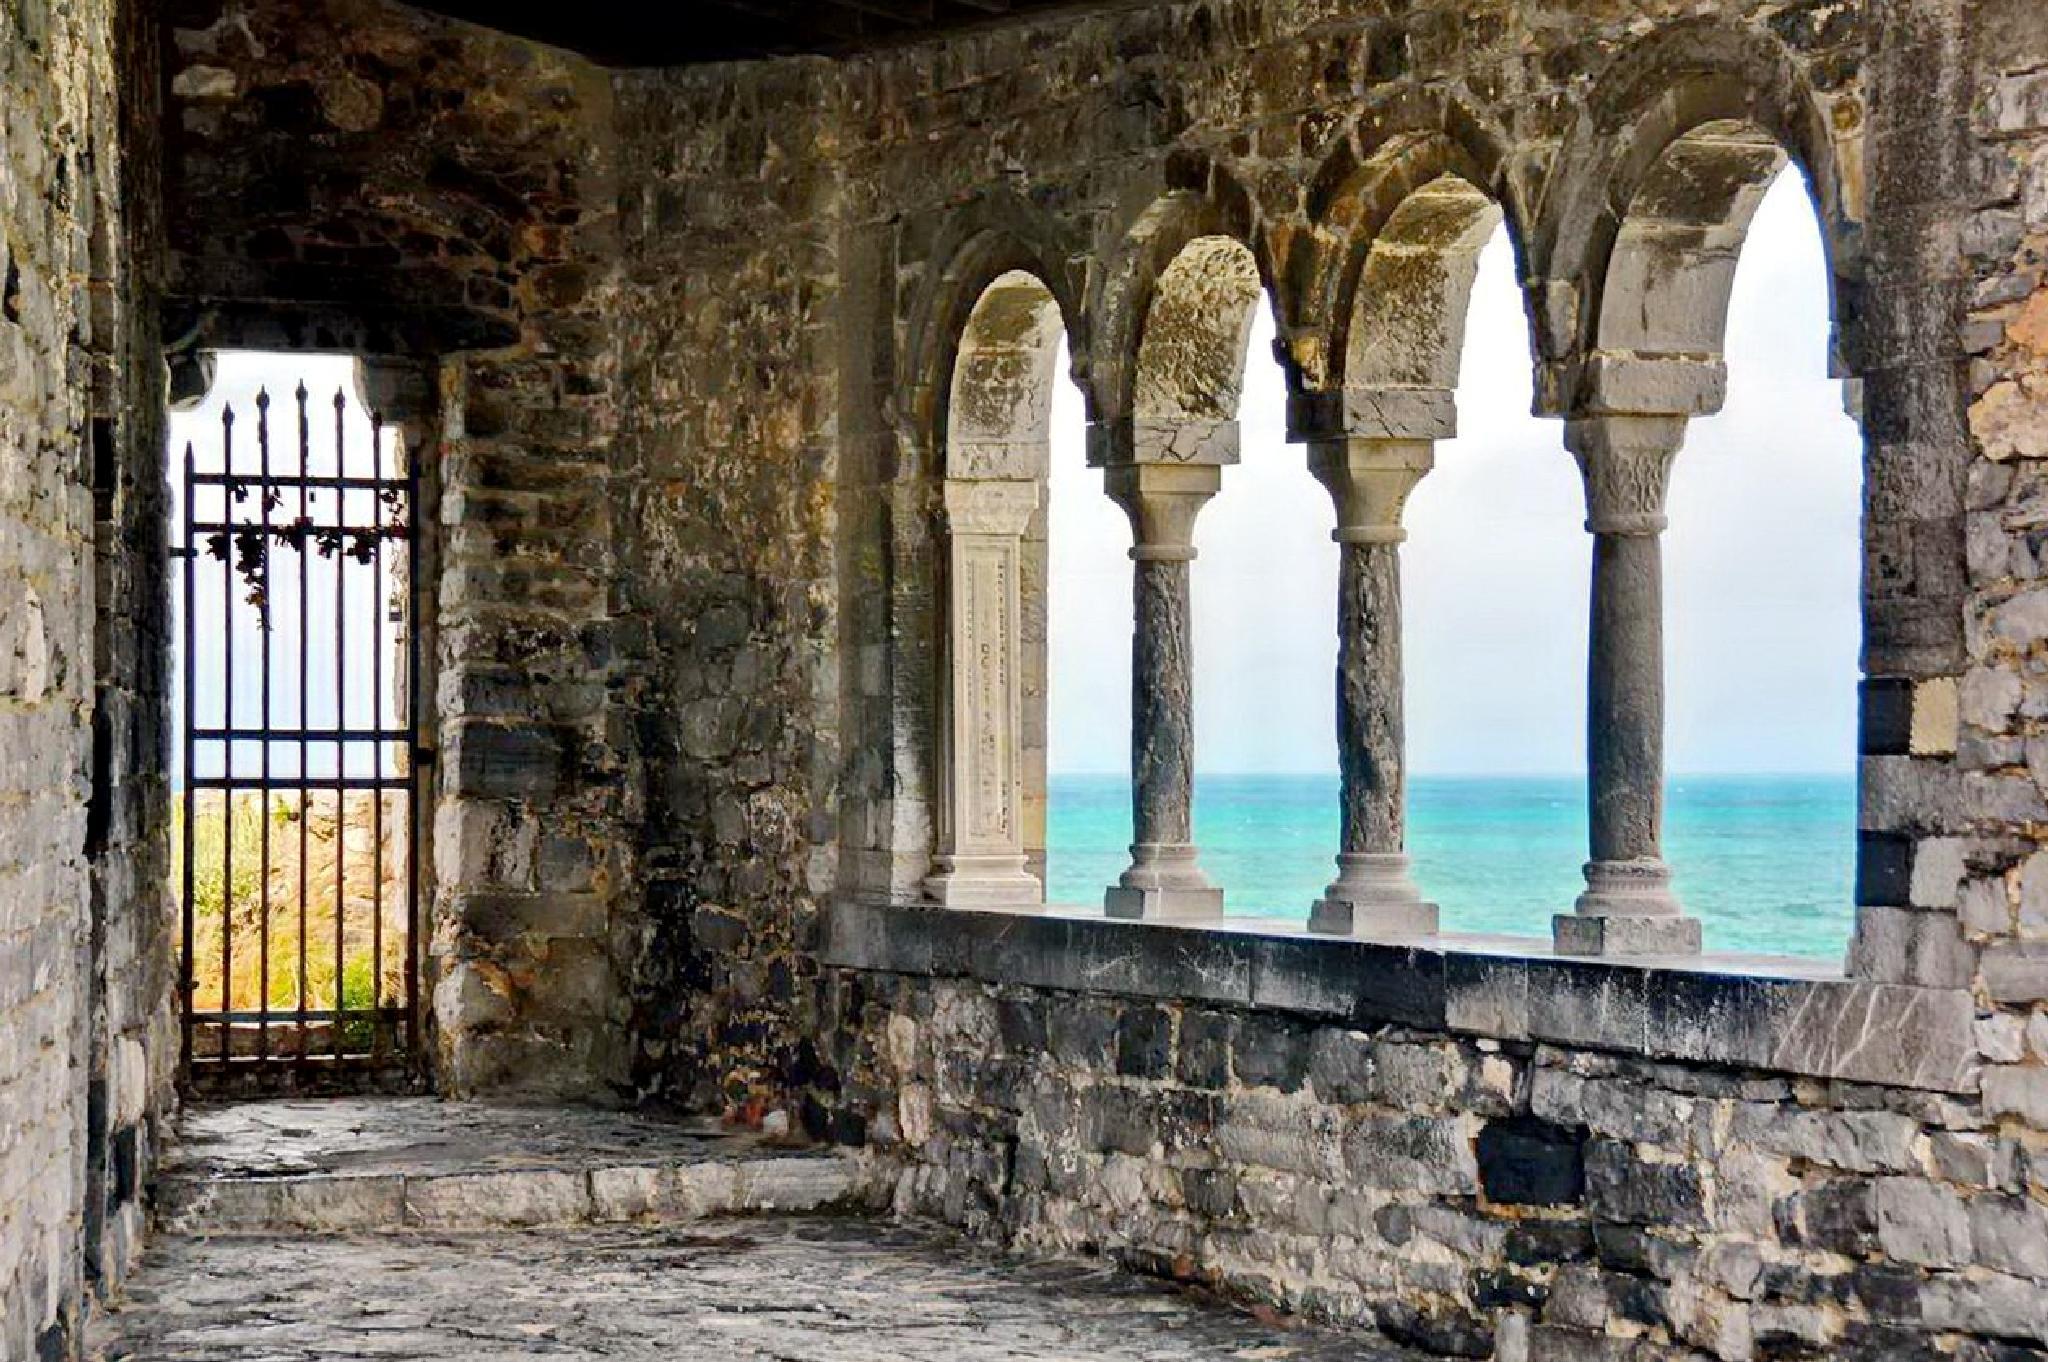 sea view by klaus.deischl